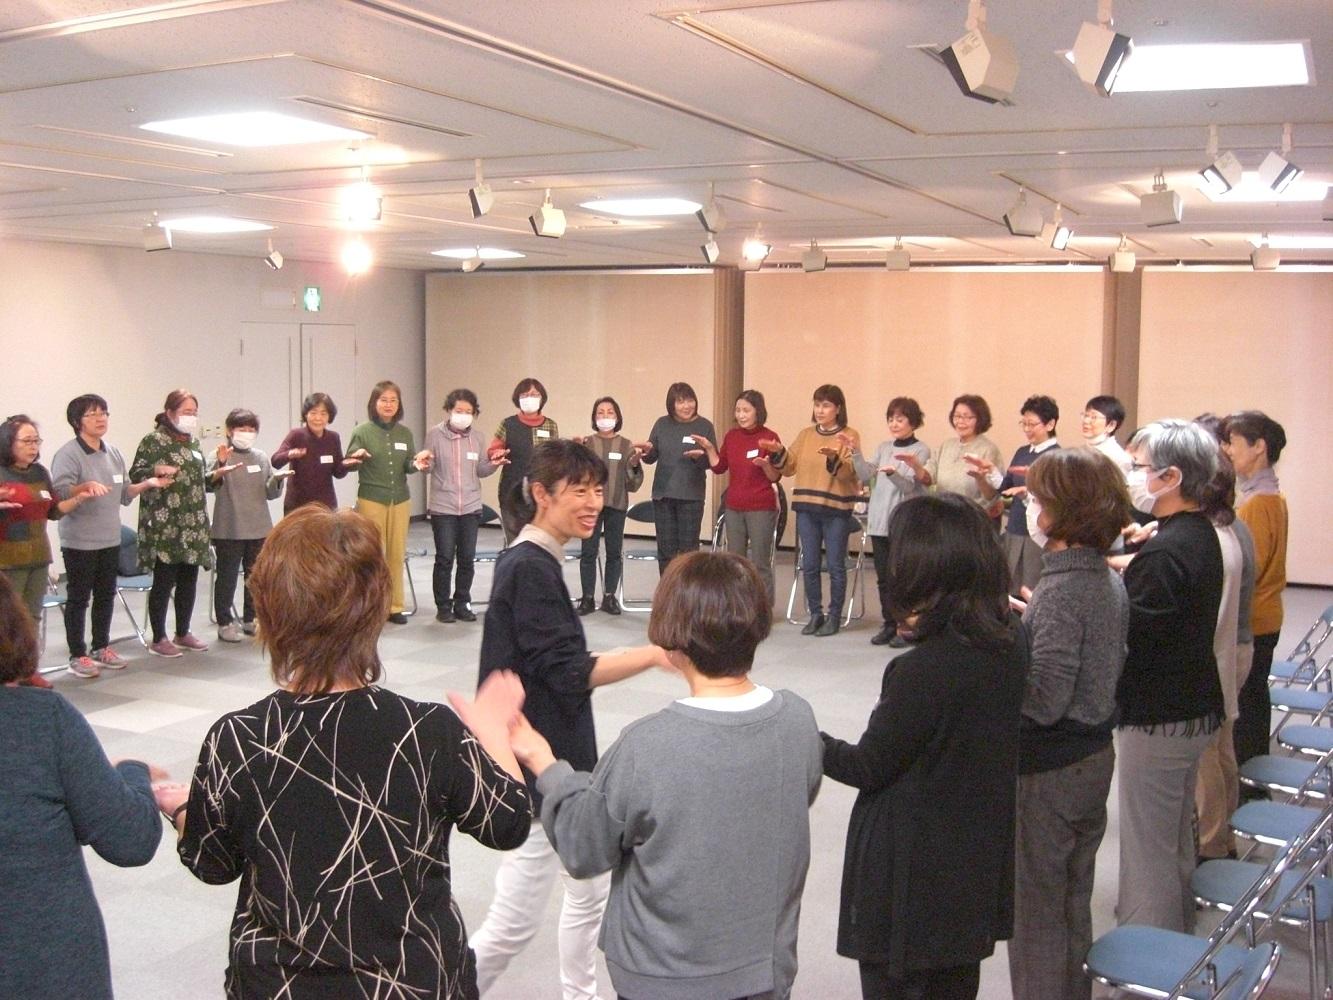 令和元年度第7回フォローアップ研修会「わらべうたで遊ぼう」を開催しました